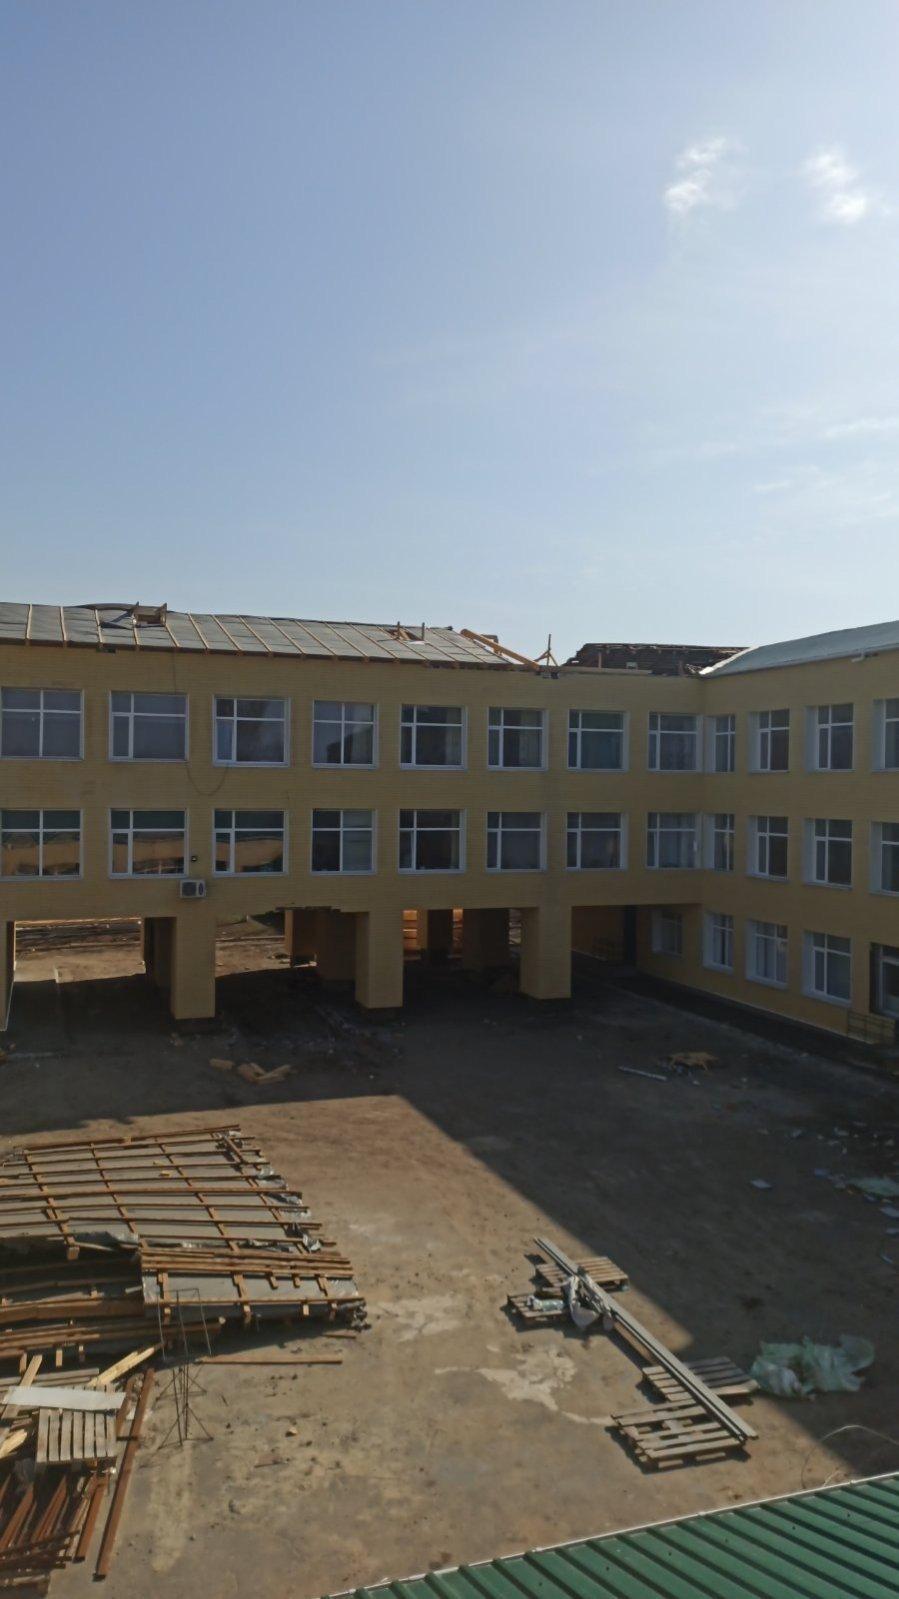 На Днепропетровщине капитально ремонтируют лицей на более 600 учеников, - ФОТО, фото-3